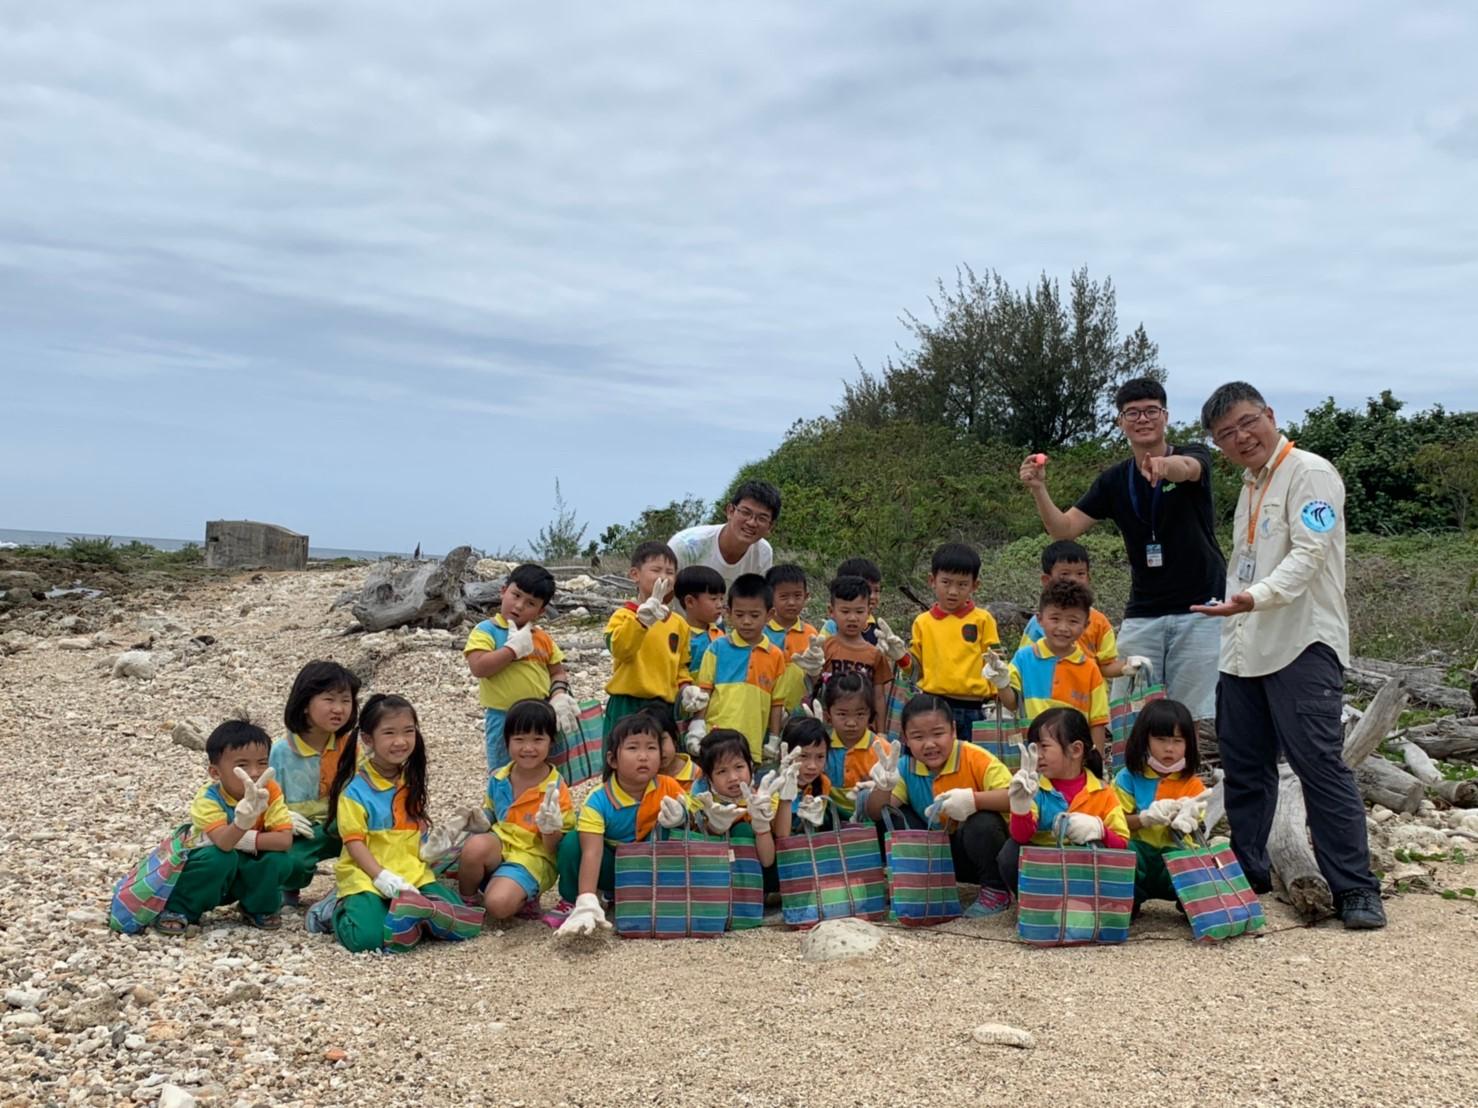 2019恆春半島幼兒園-校外教學服務之 「親淨後灣-寶貝海」教學活動